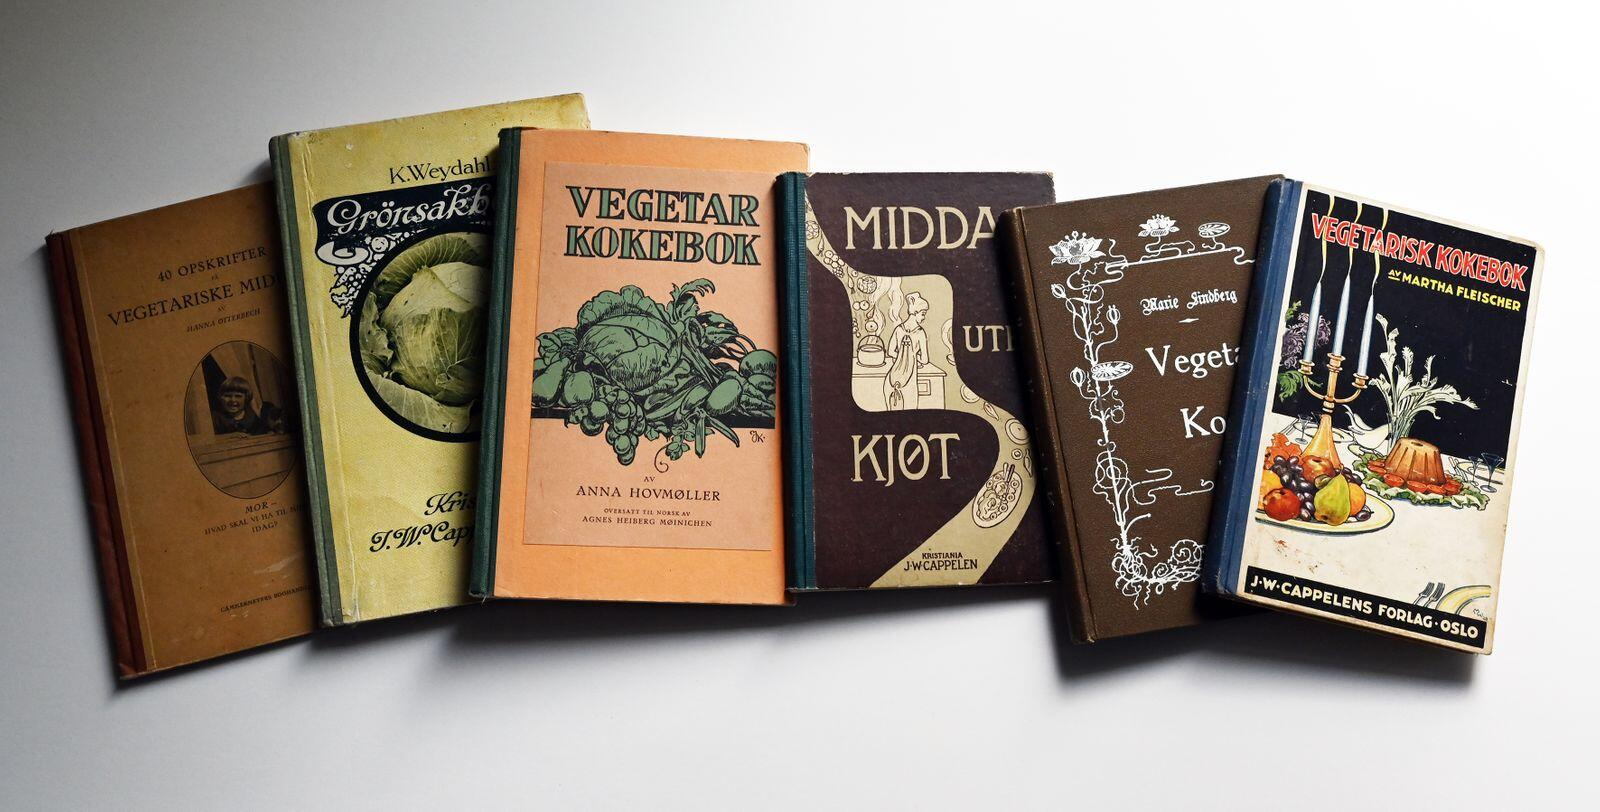 Da som nå: Også for mer enn hundre år siden kunne nordmenn forlyste seg med kokebøker med vegetarisk innhold. «Vi vilde bli meget friskere om vi la vår spiseseddel om til fordel for vår egen fisk og lacto-vegetabilske fødemidler», skrev Martha Fleischer. Foto: Per A. Borglund